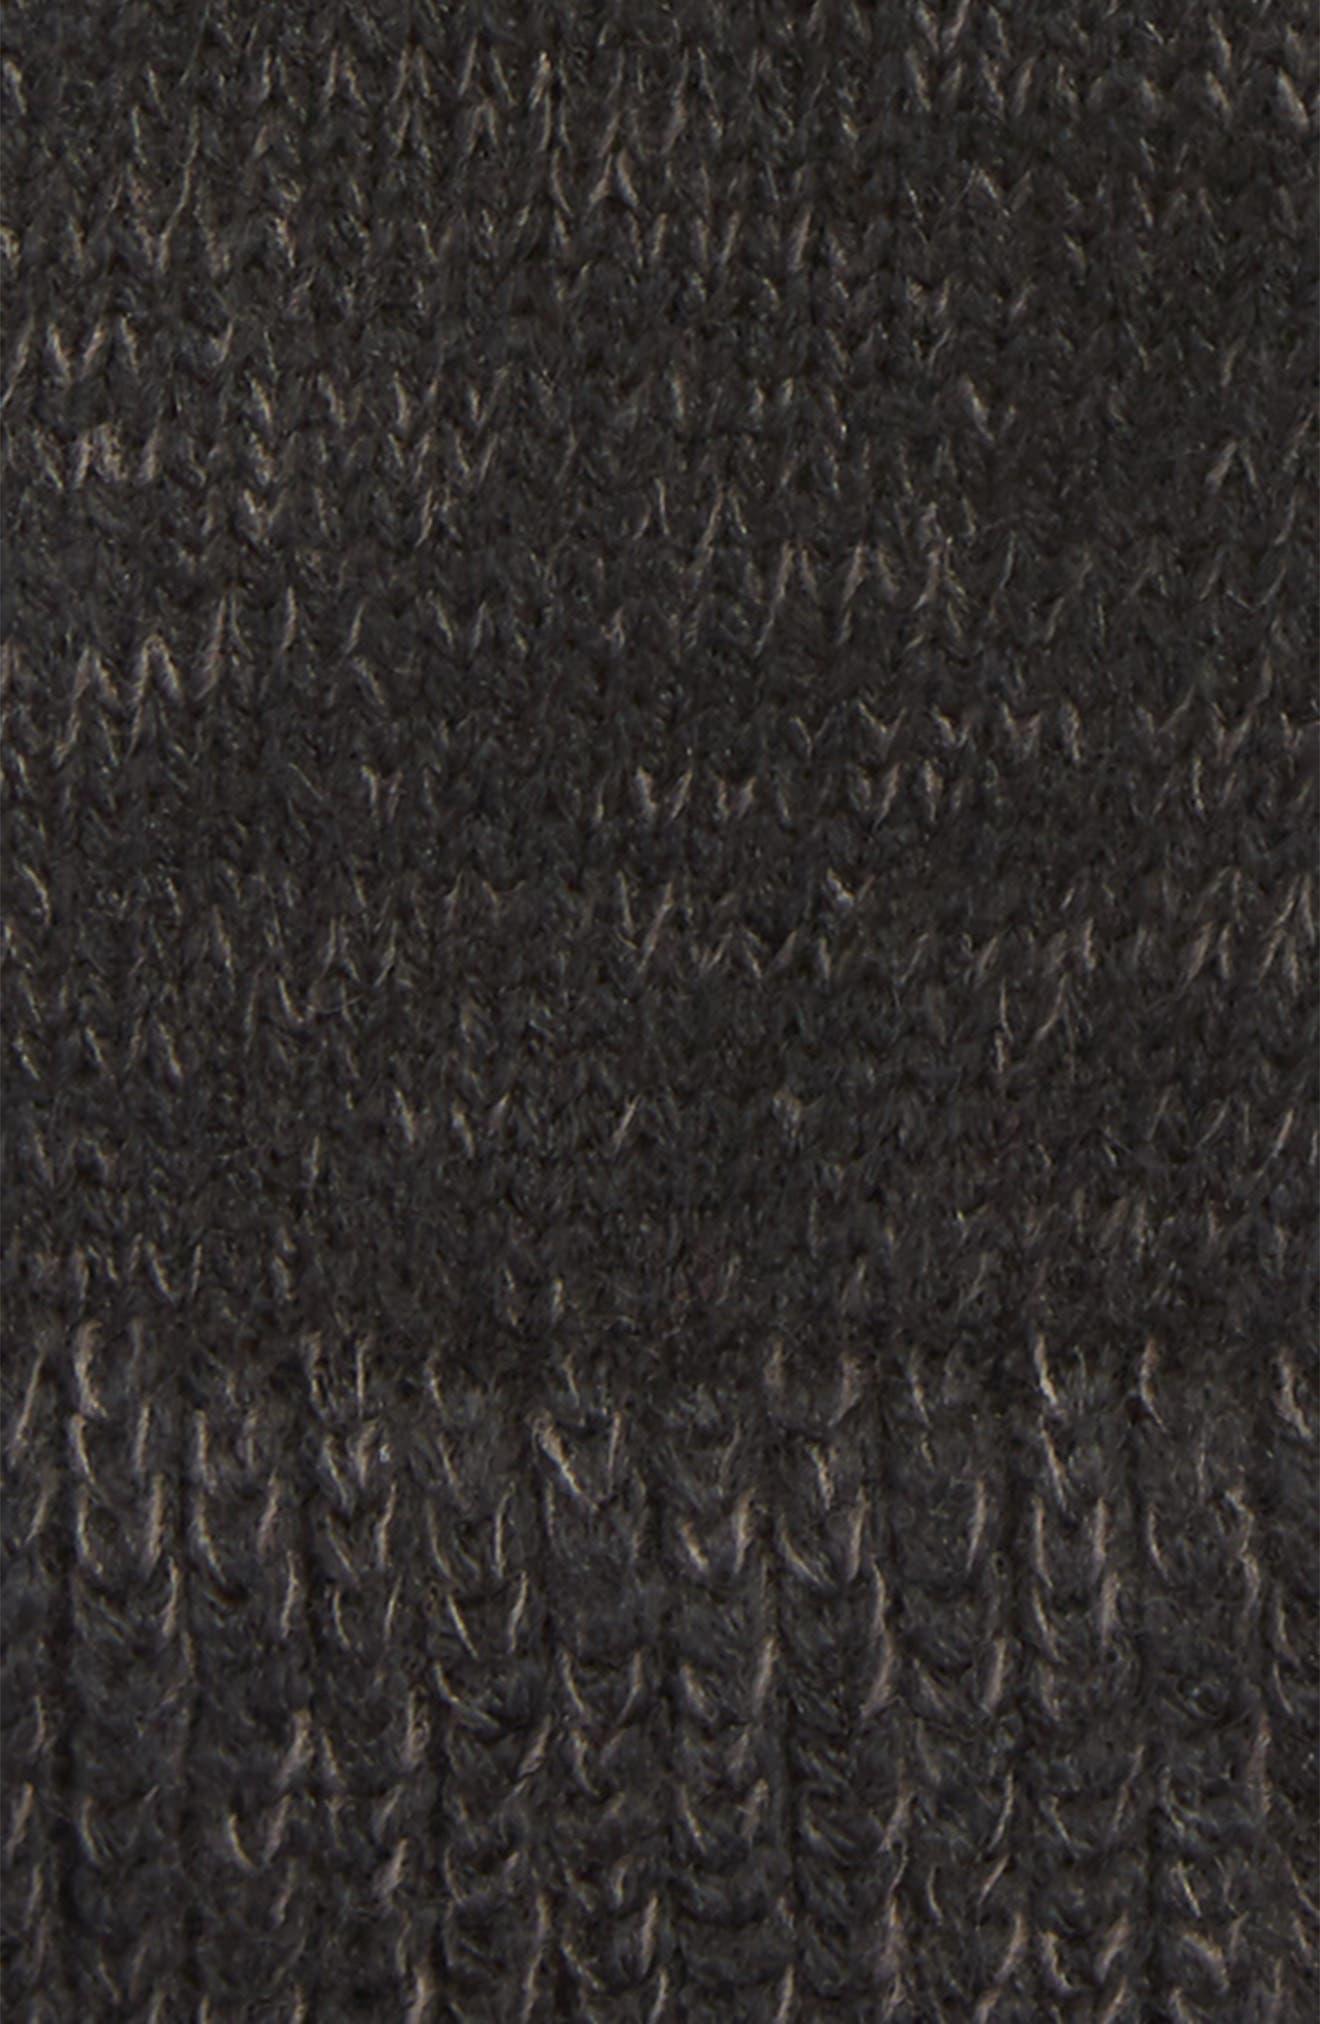 Etip Salty Dog Knit Tech Gloves,                             Alternate thumbnail 3, color,                             TNF BLACK